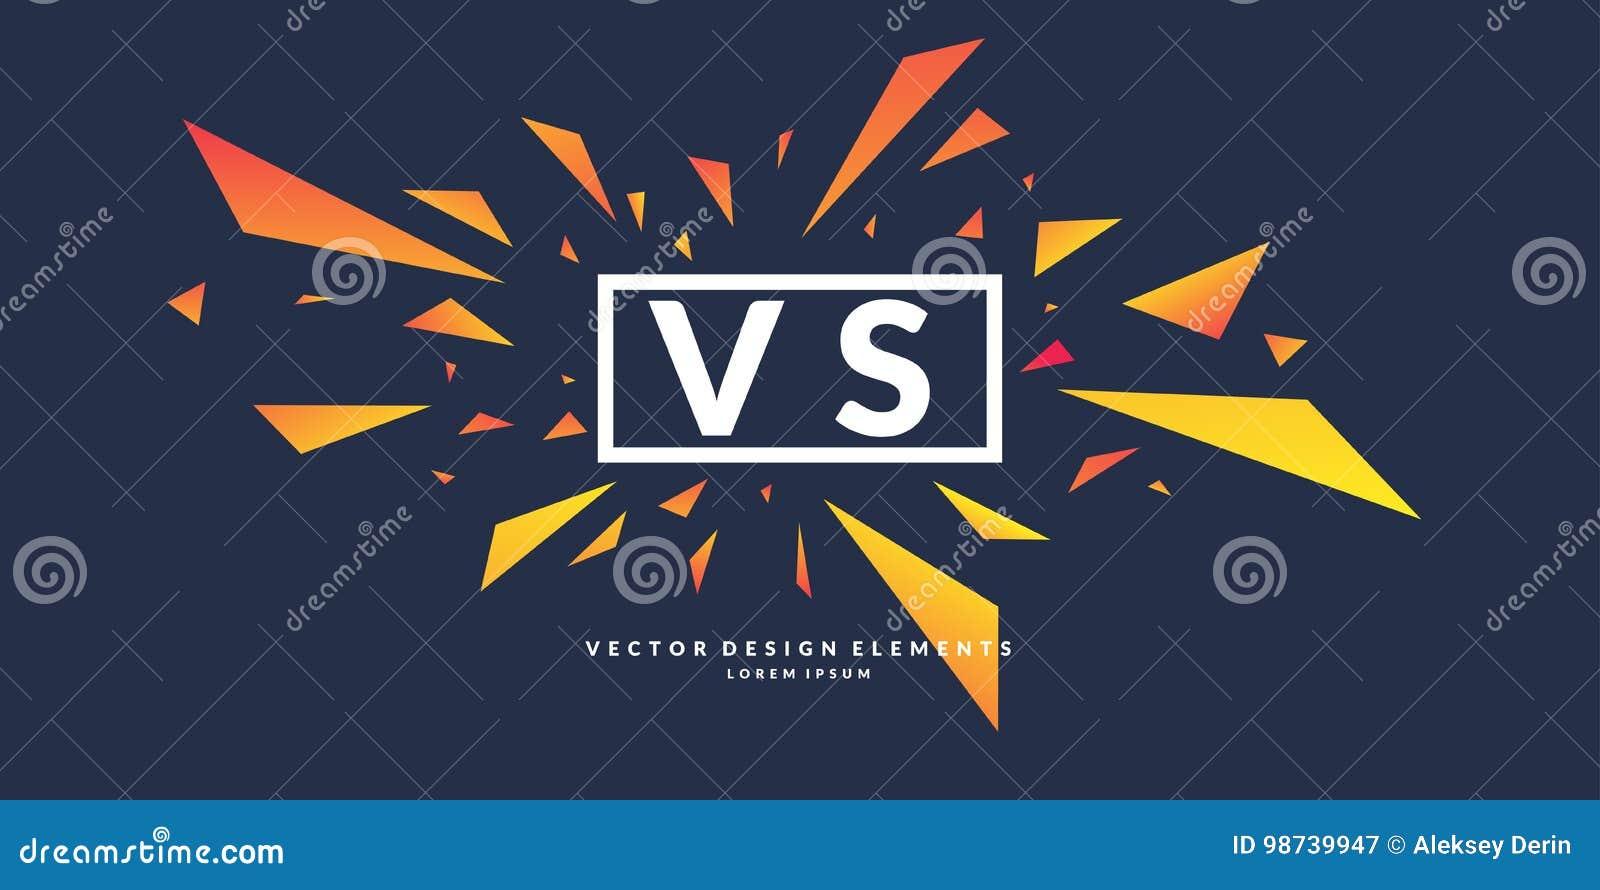 Les symboles lumineux d affiche de la confrontation CONTRE, peuvent être le même logo Illustration de vecteur